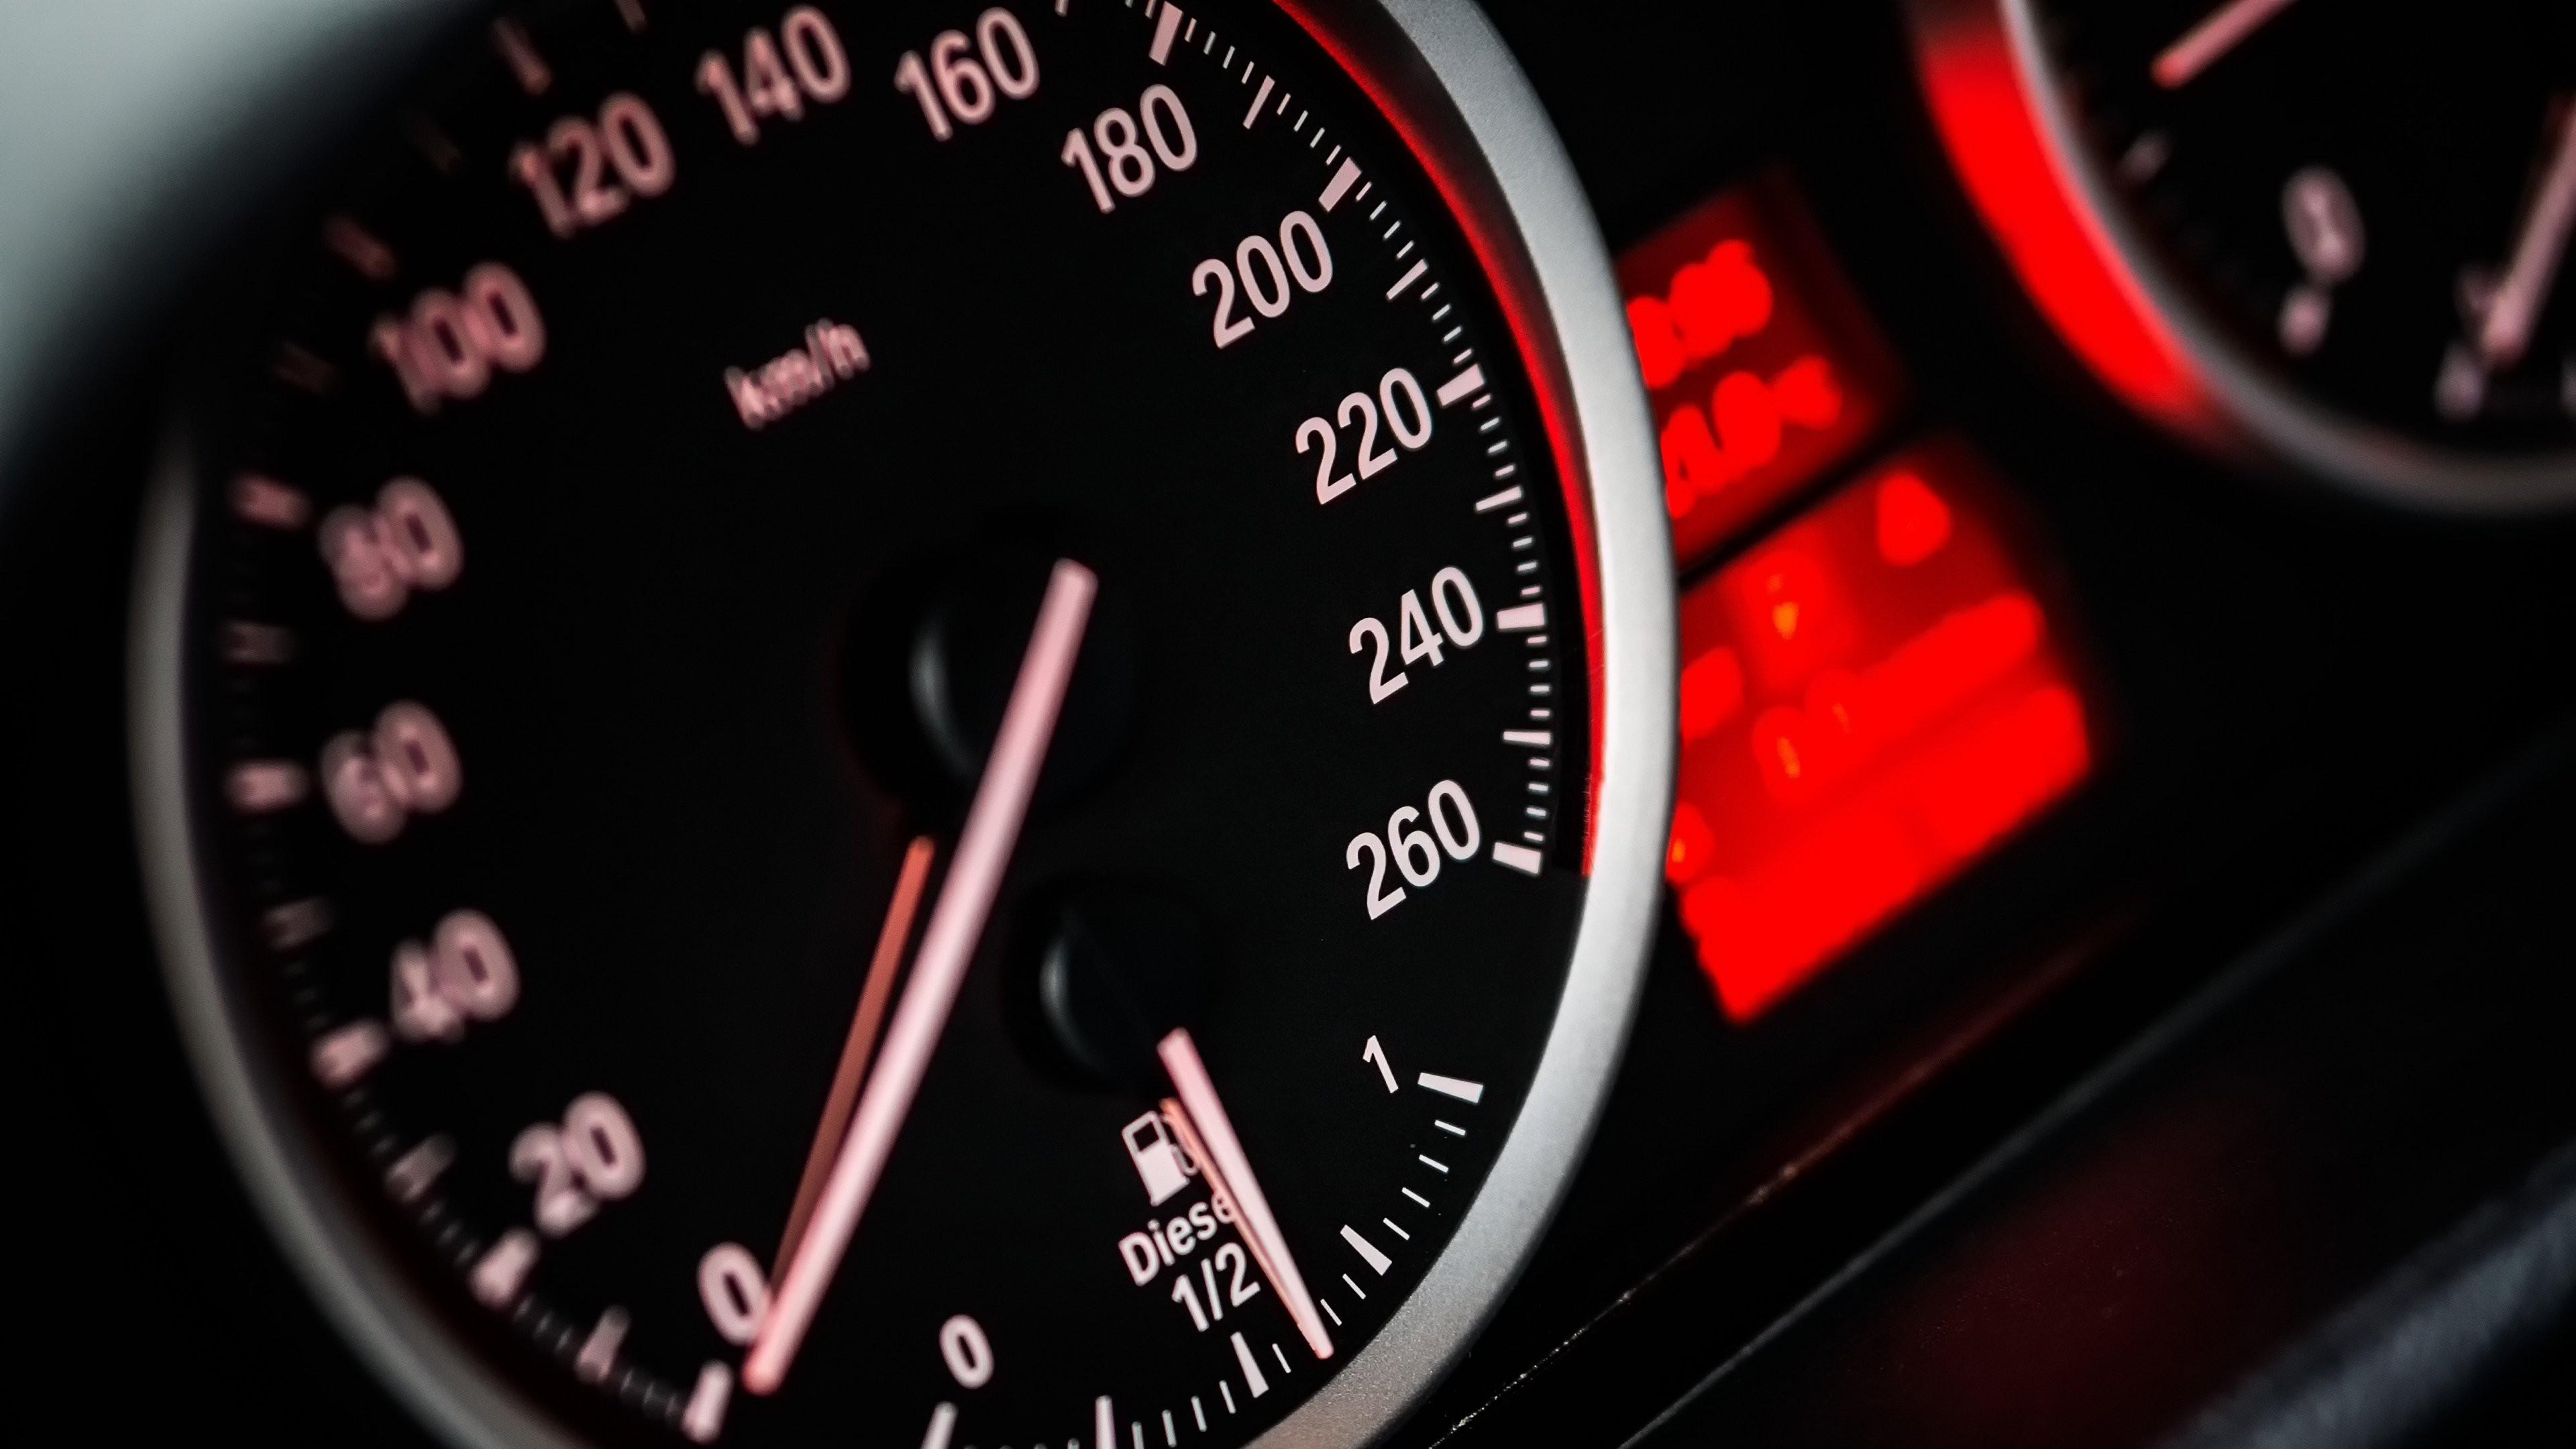 Wallpaper : BMW, Porsche, speedometer, steering wheel